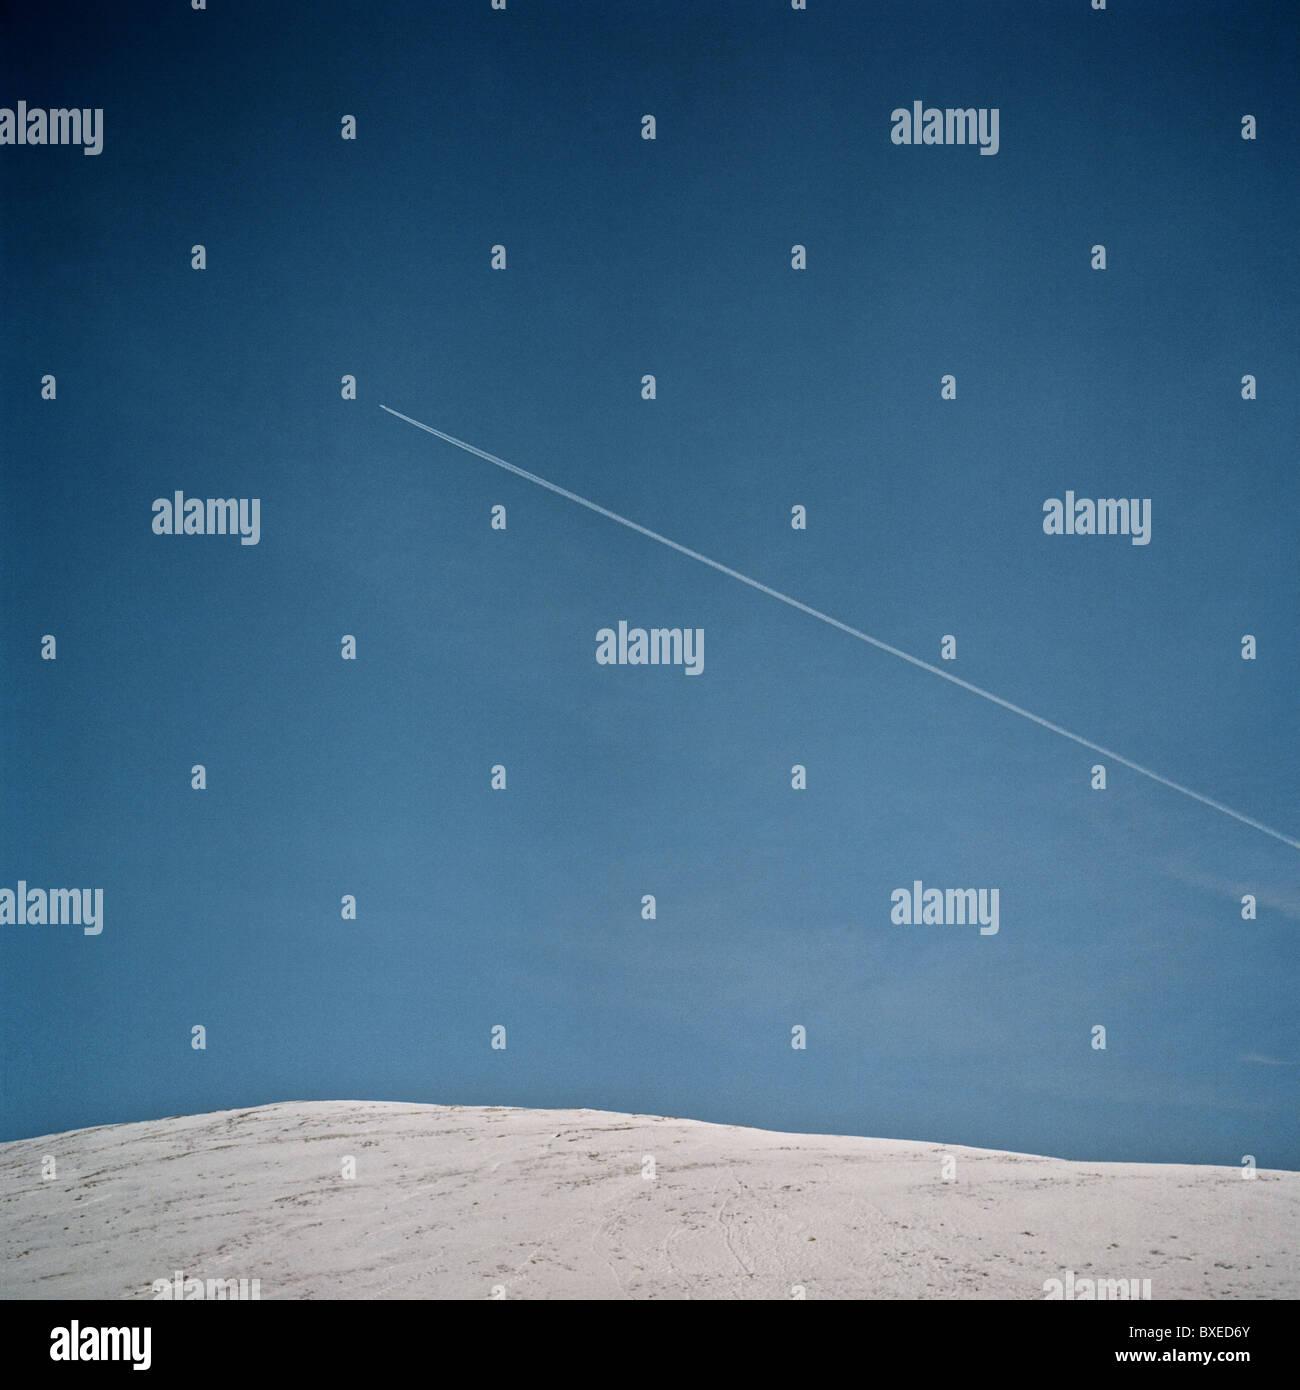 Flugzeug-Kondensstreifen über blauen Himmel. Stockbild